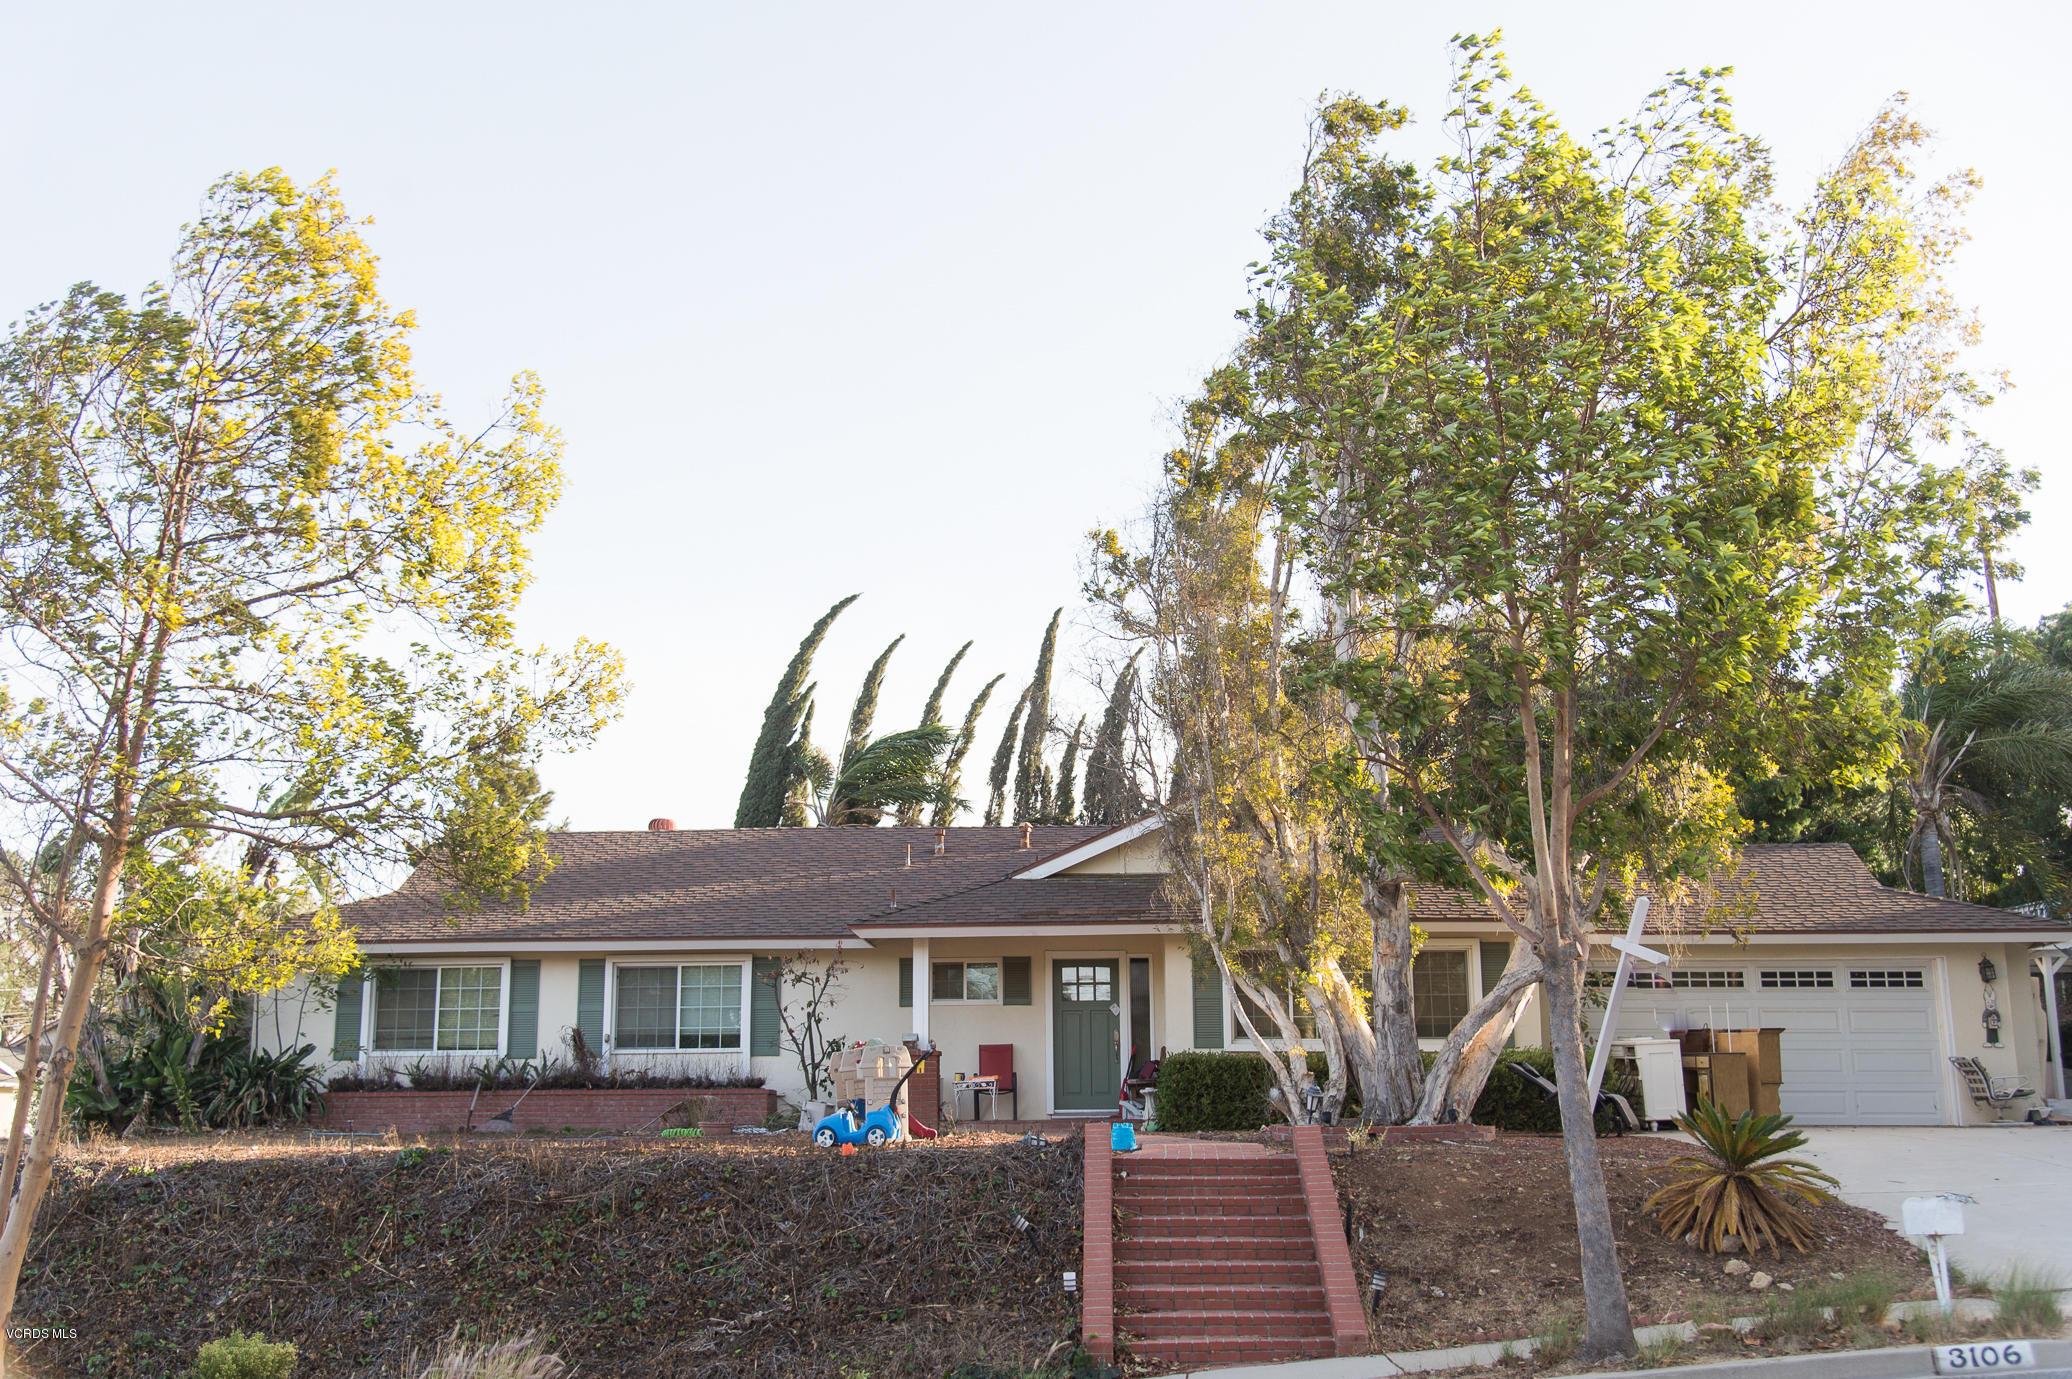 3106 Camino Del Zuro, Thousand Oaks, CA 91360